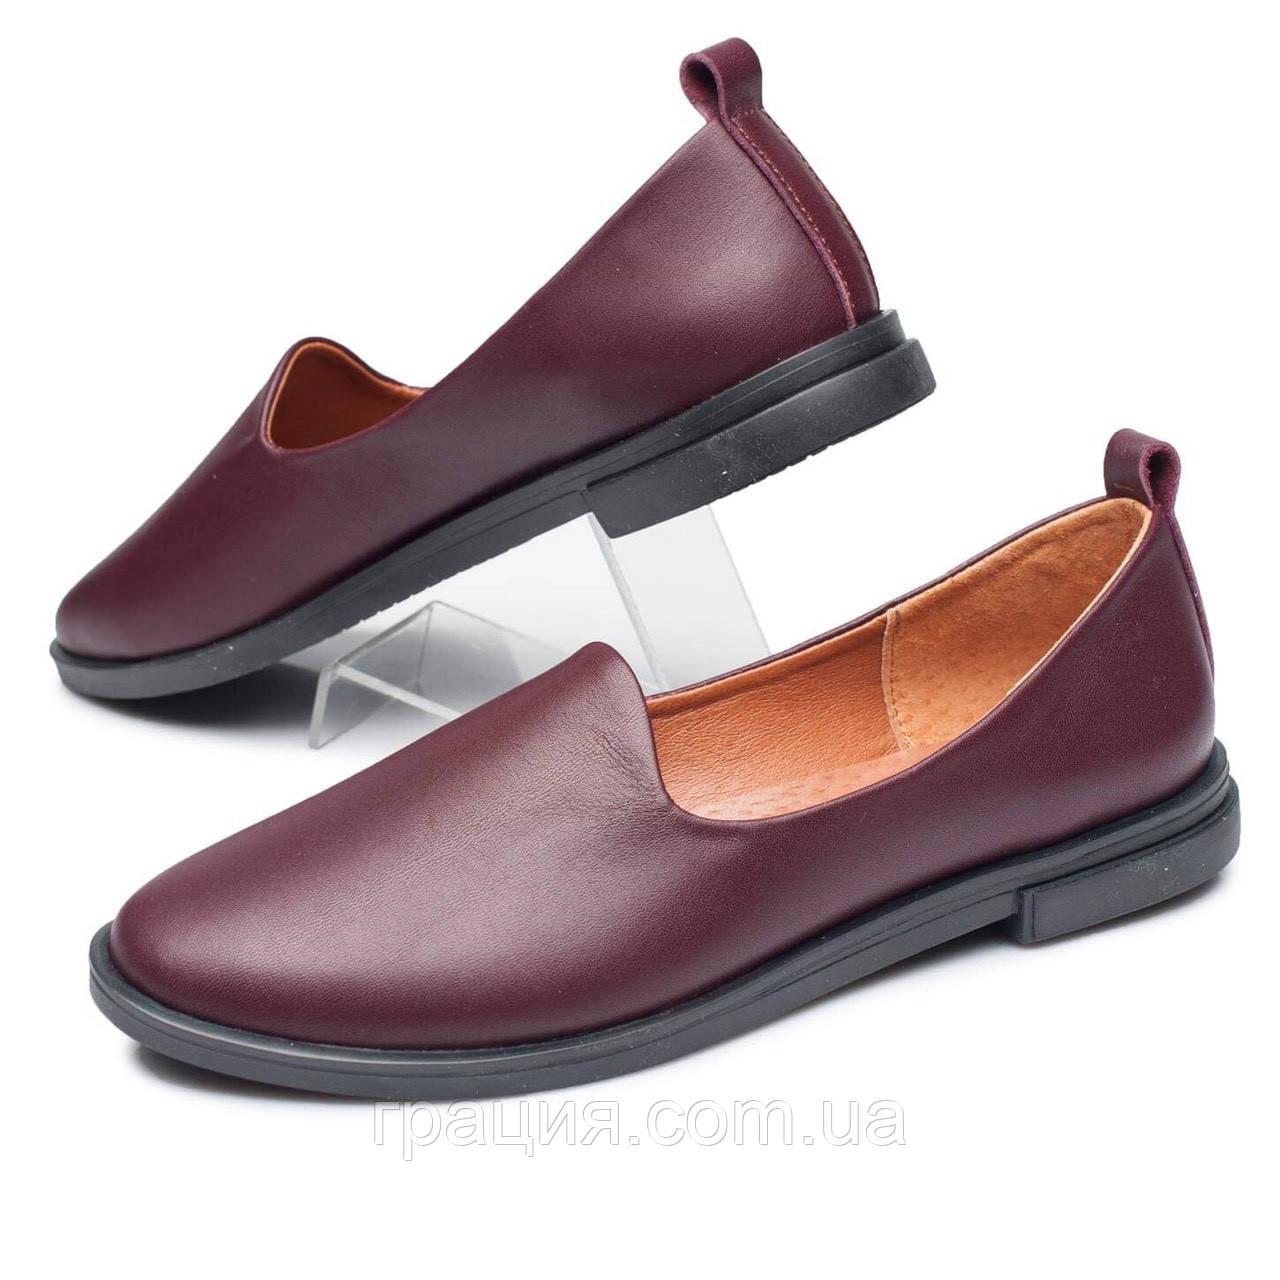 Кожаные женские модные туфли, мягкие, удобные.